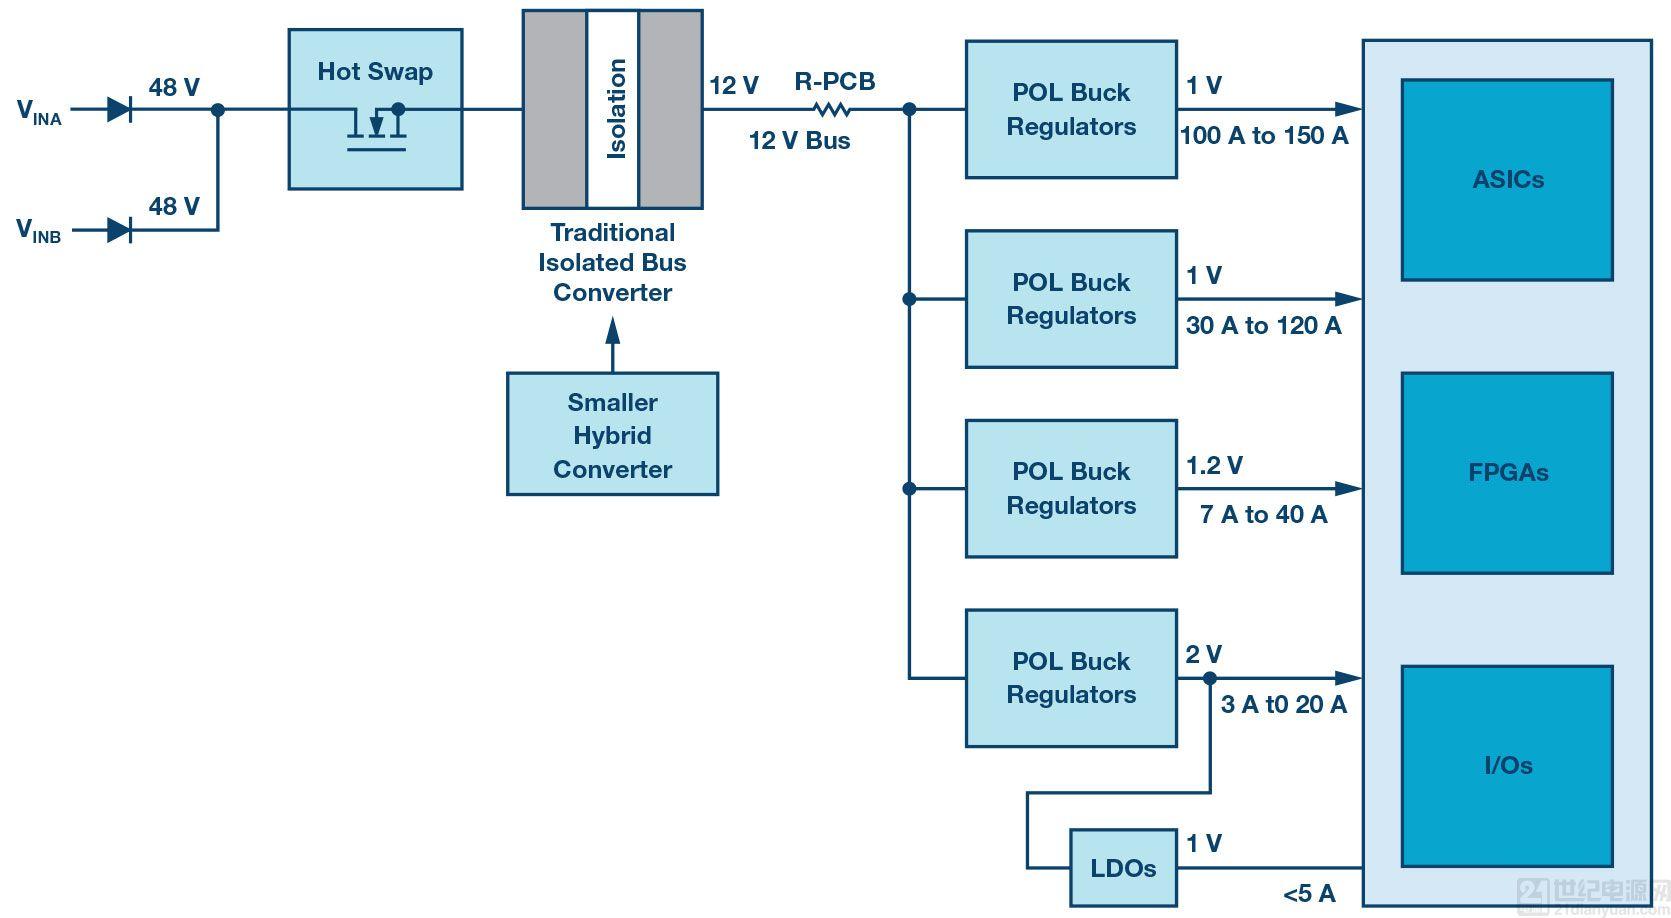 混合式转换器简化数据中心和电信系统的 48V/54V 降压转换